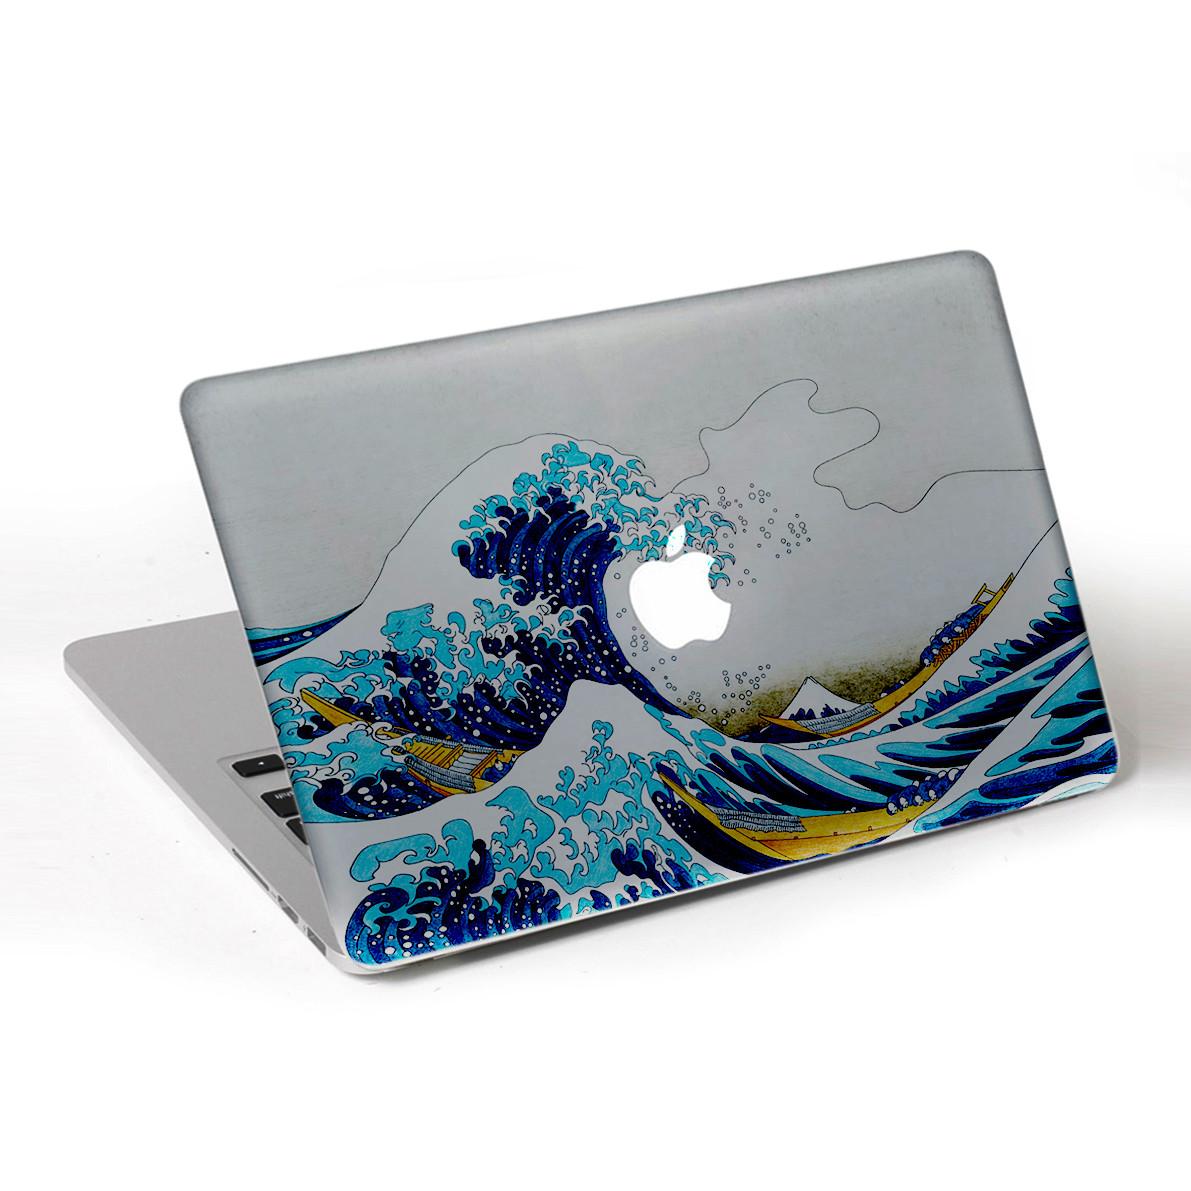 Miếng Dán Trang Trí Dành Cho Macbook Mac - 157